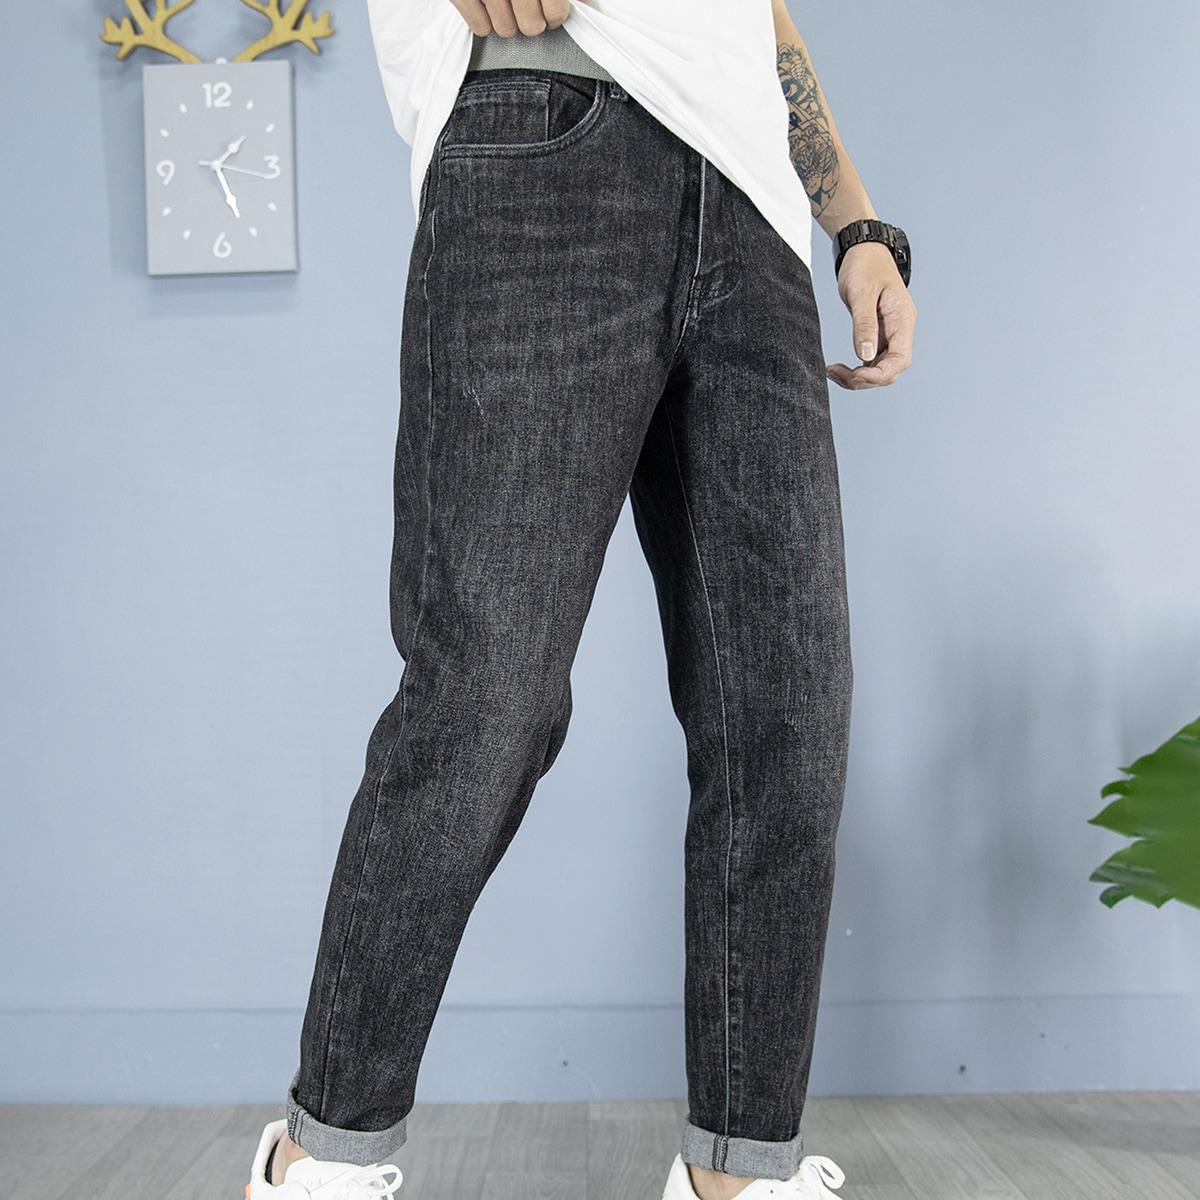 Мужские джинсы с карманом без пояса